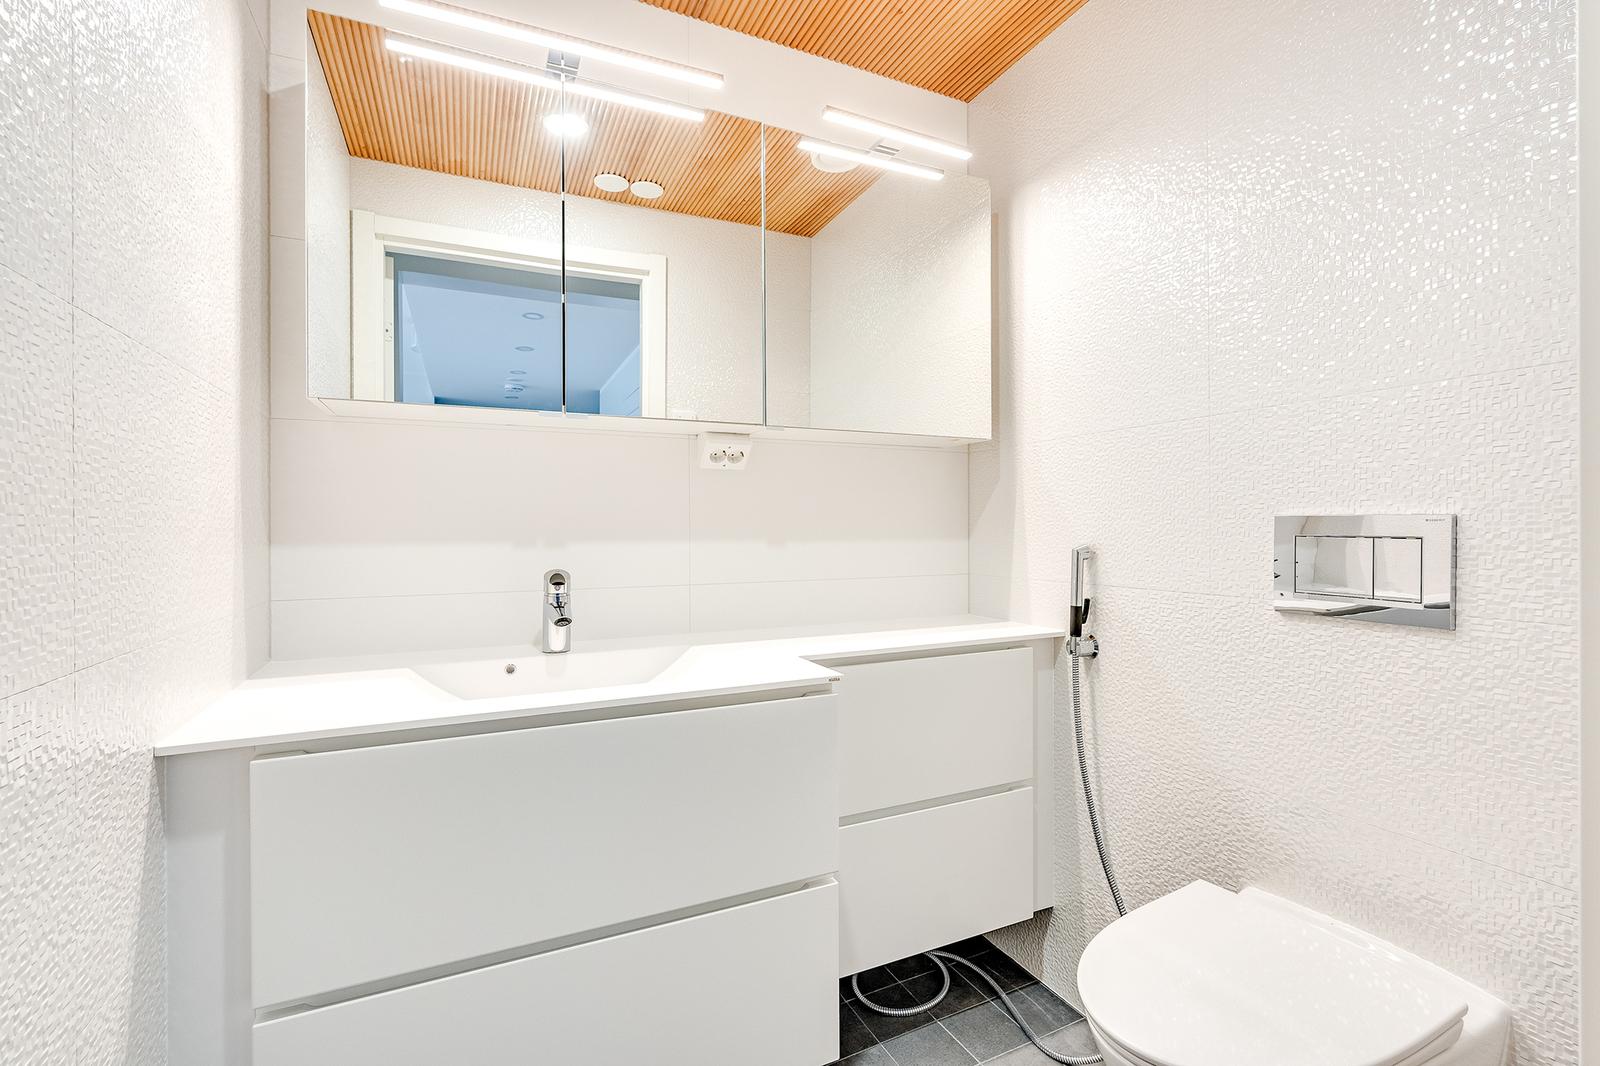 Makuuhuoneiden välittömässä läheisyydessä erillinen wc